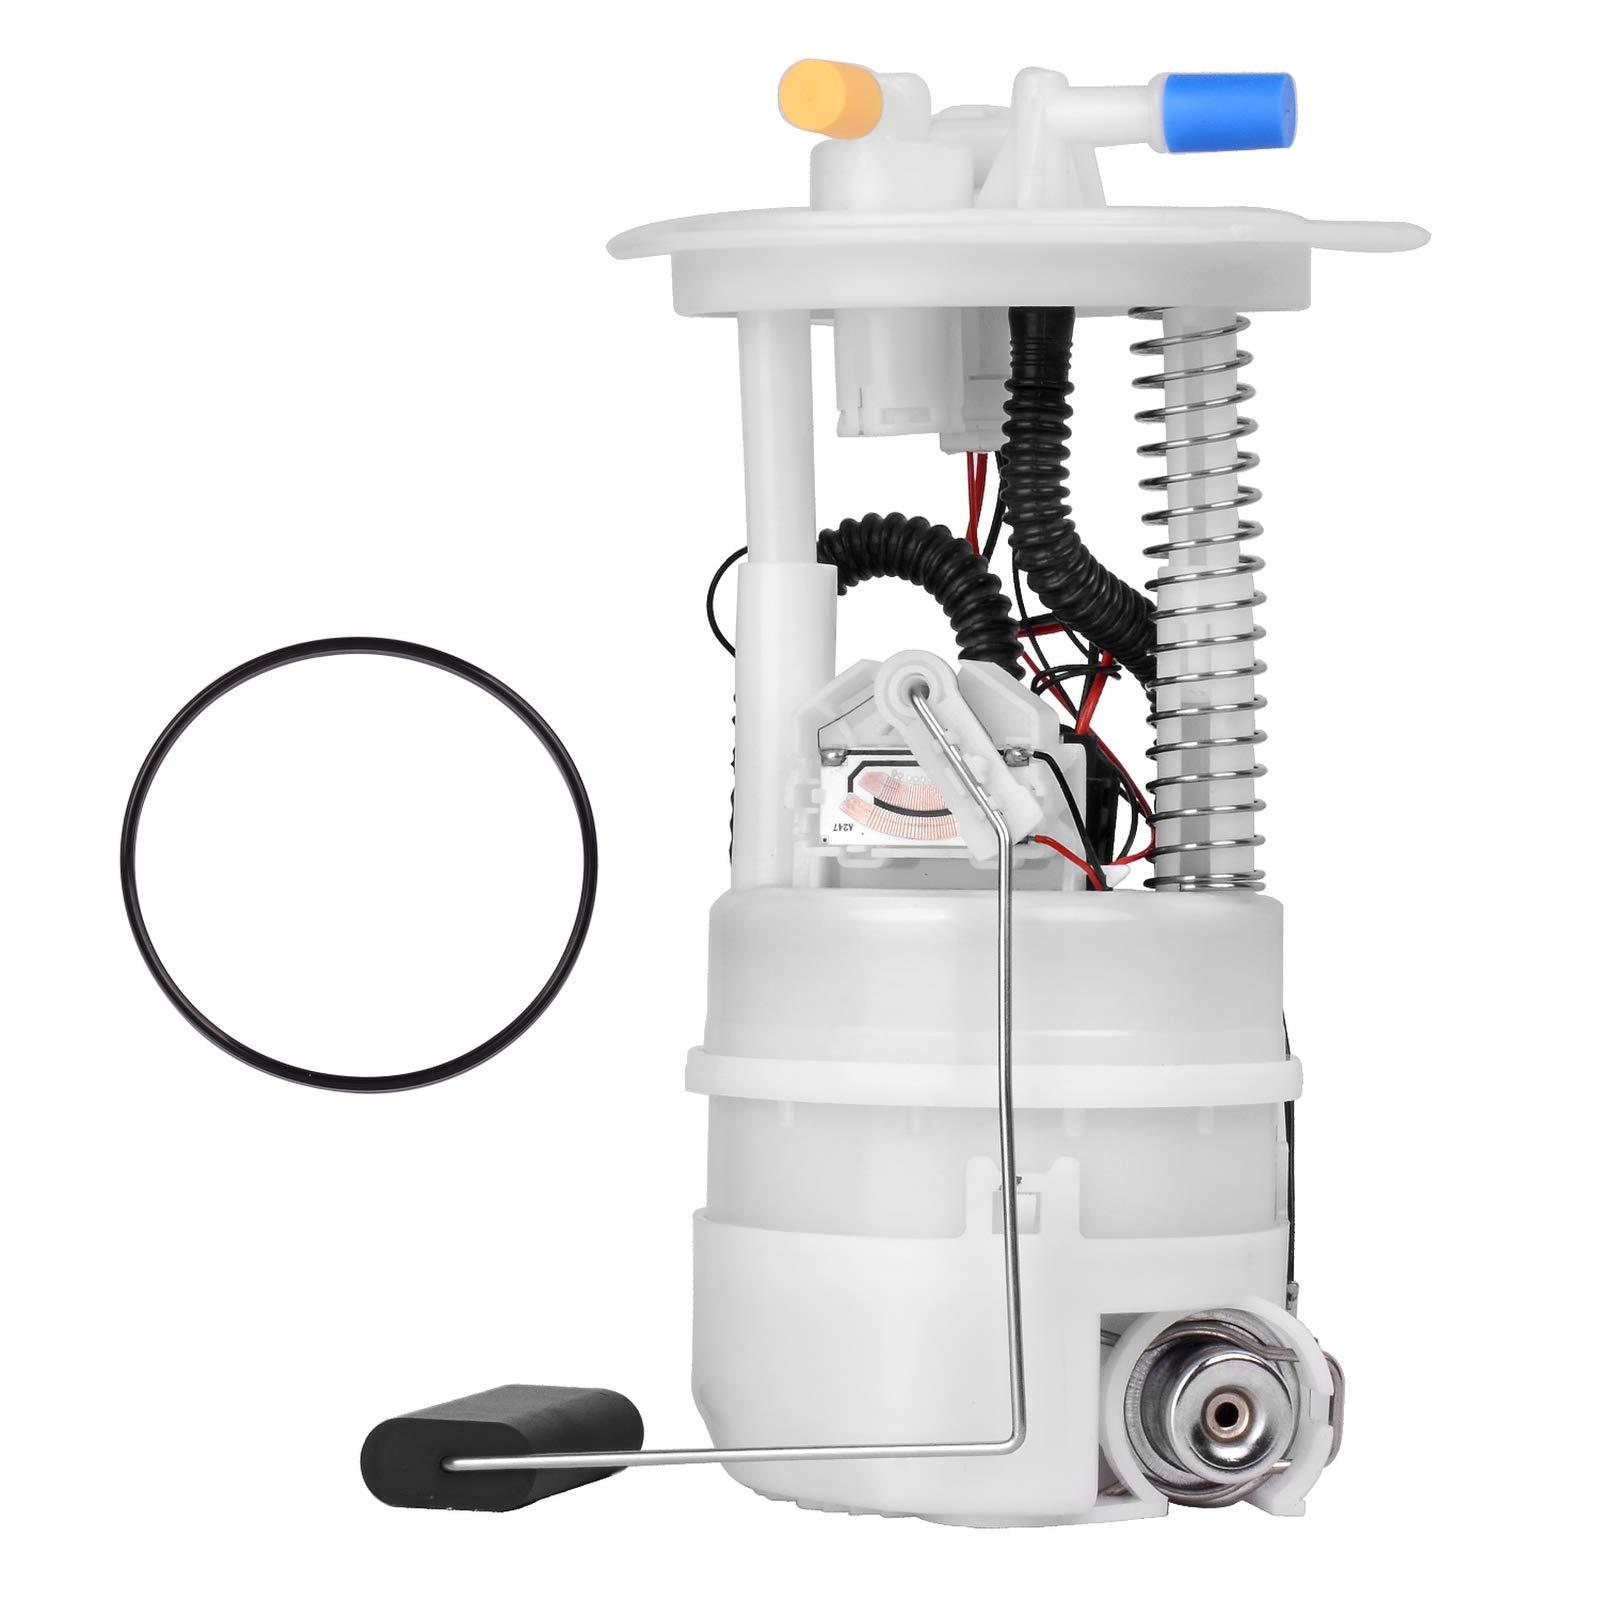 DWVO Fuel Pump Compatible with 04-06 Nissan Altima 2.5L/3.5L, 04-09 Nissan Quest 3.5L, 04-08 Nissan Maxima 3.5L